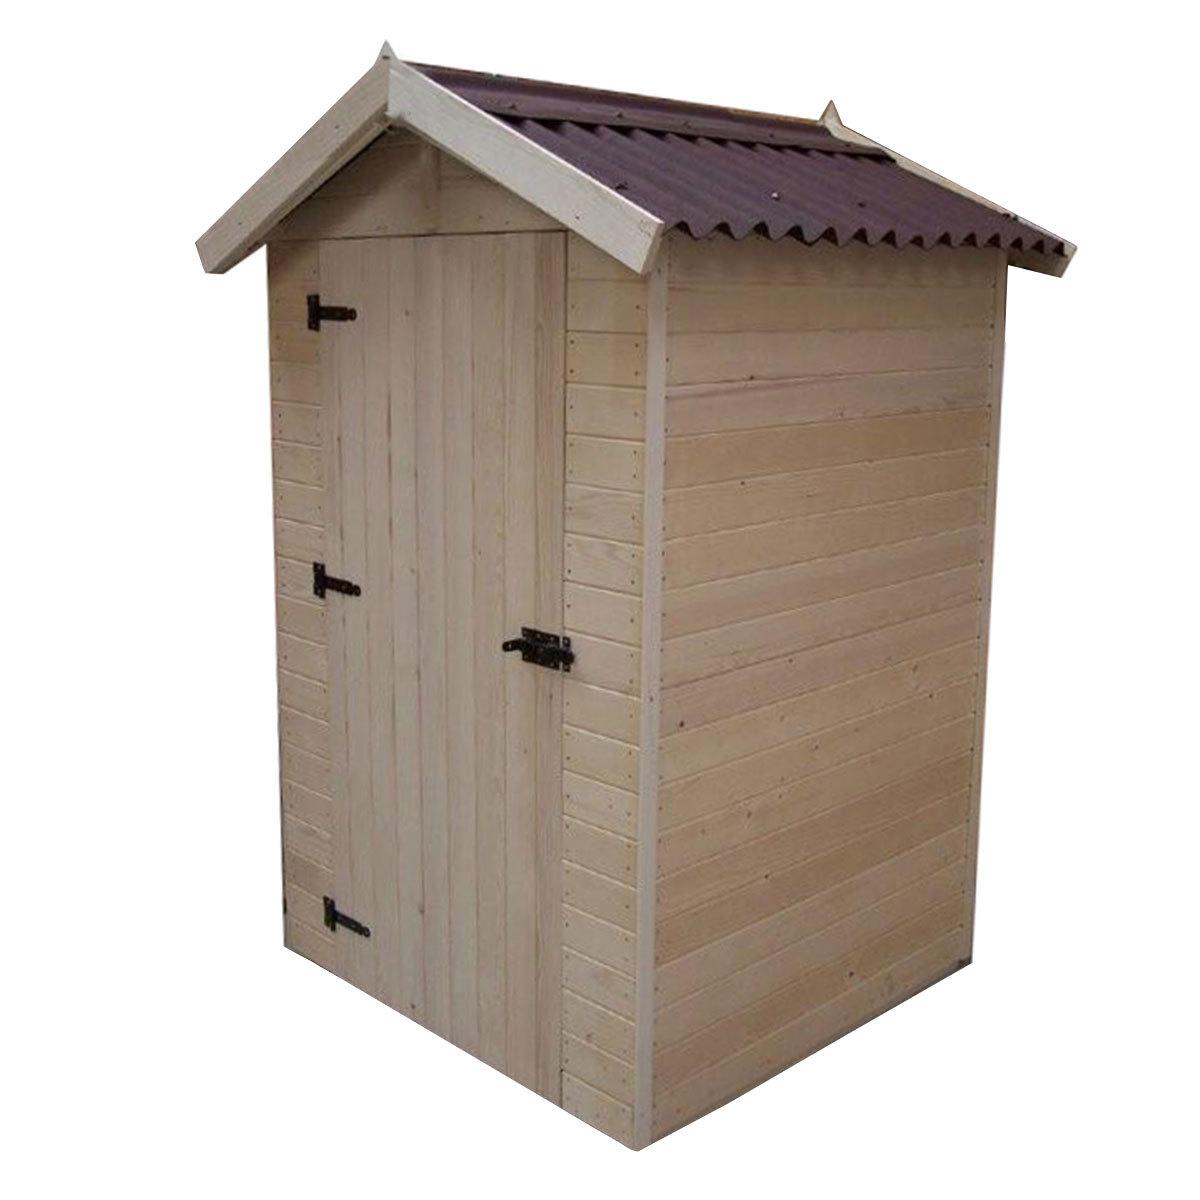 abris de jardin pas cher avec plancher  châlet maison et